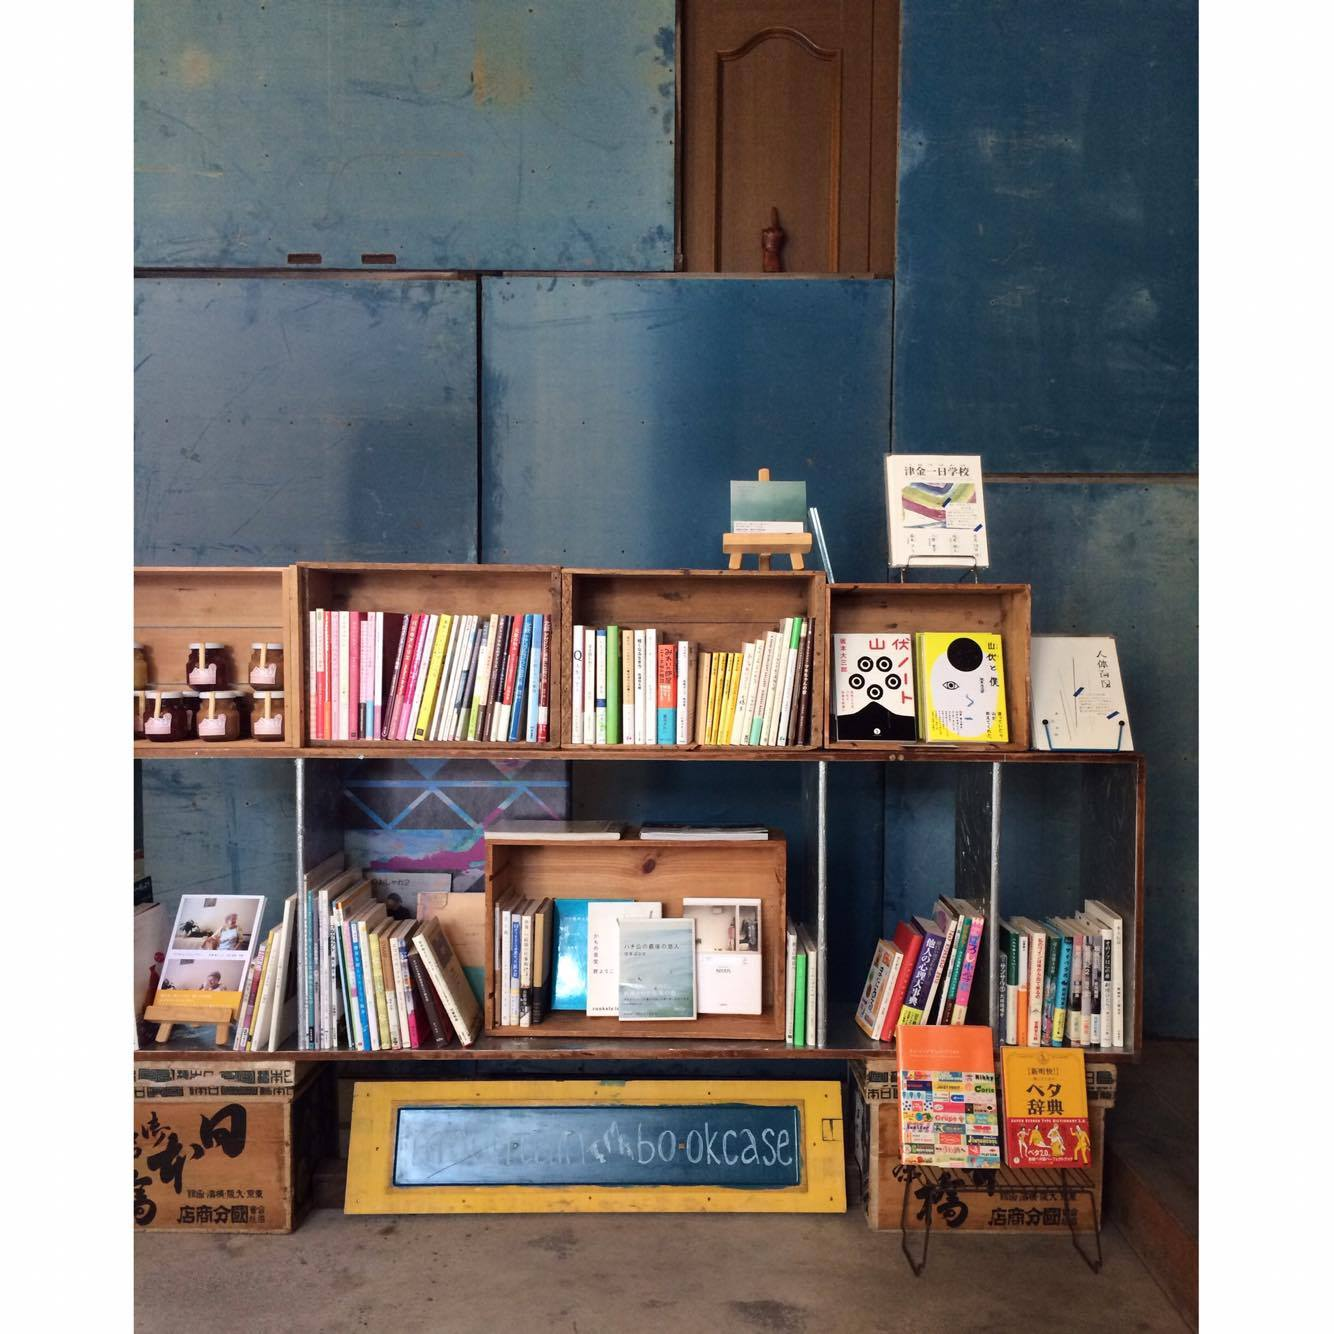 【出店者紹介】mountain bookcase × 春光堂書店(山梨)_e0200305_19135114.jpg